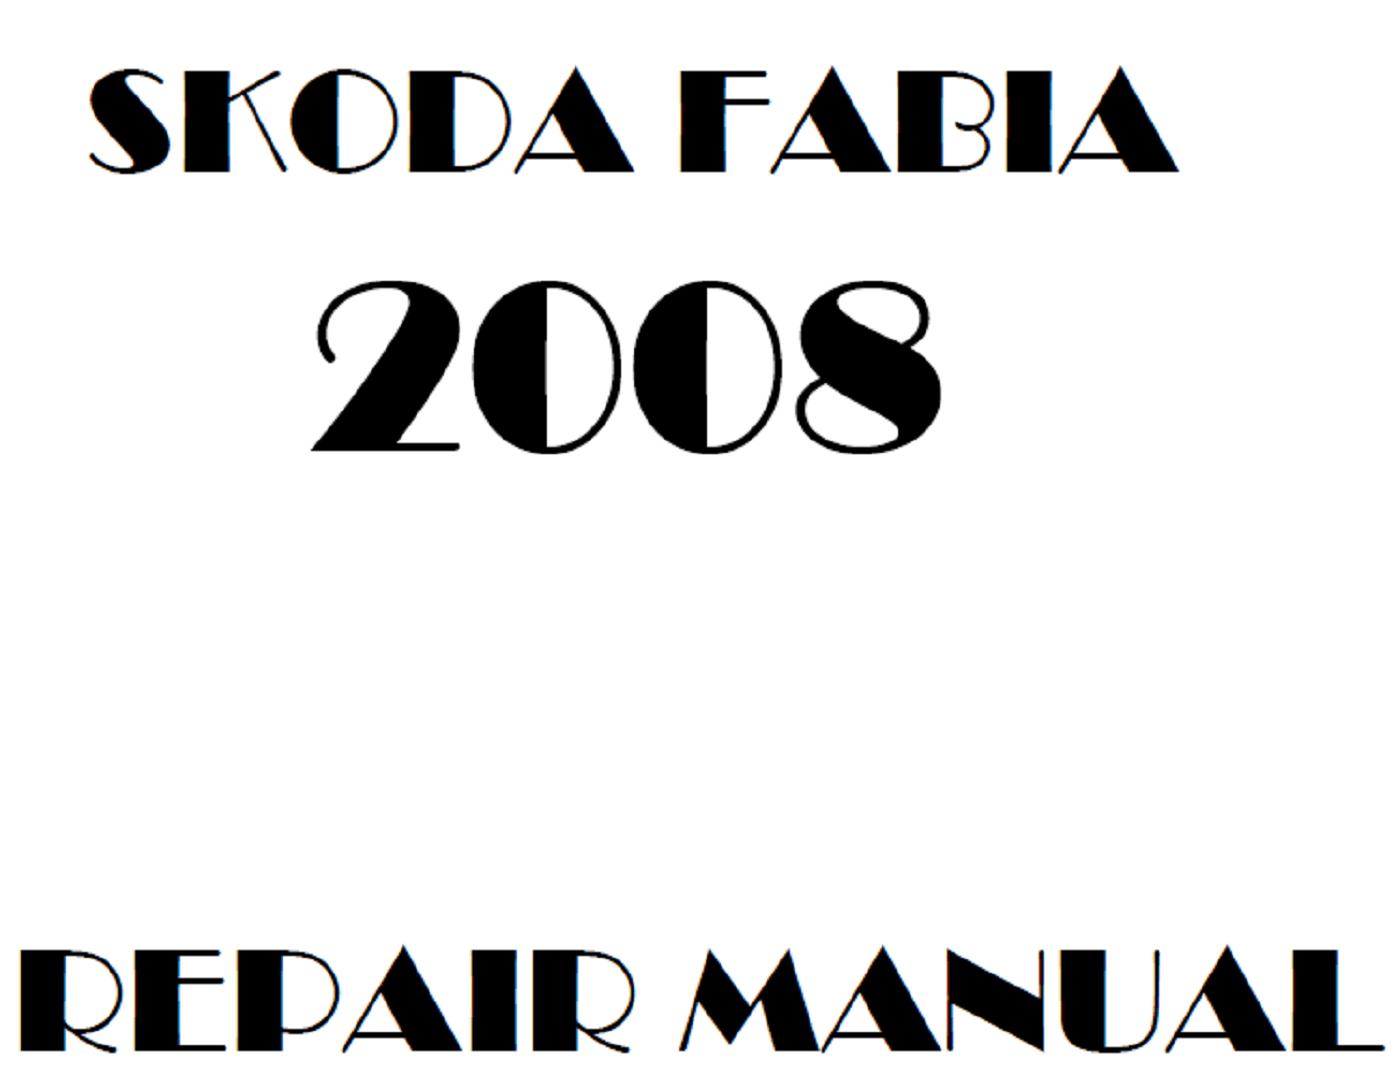 2008 Skoda Fabia repair manual